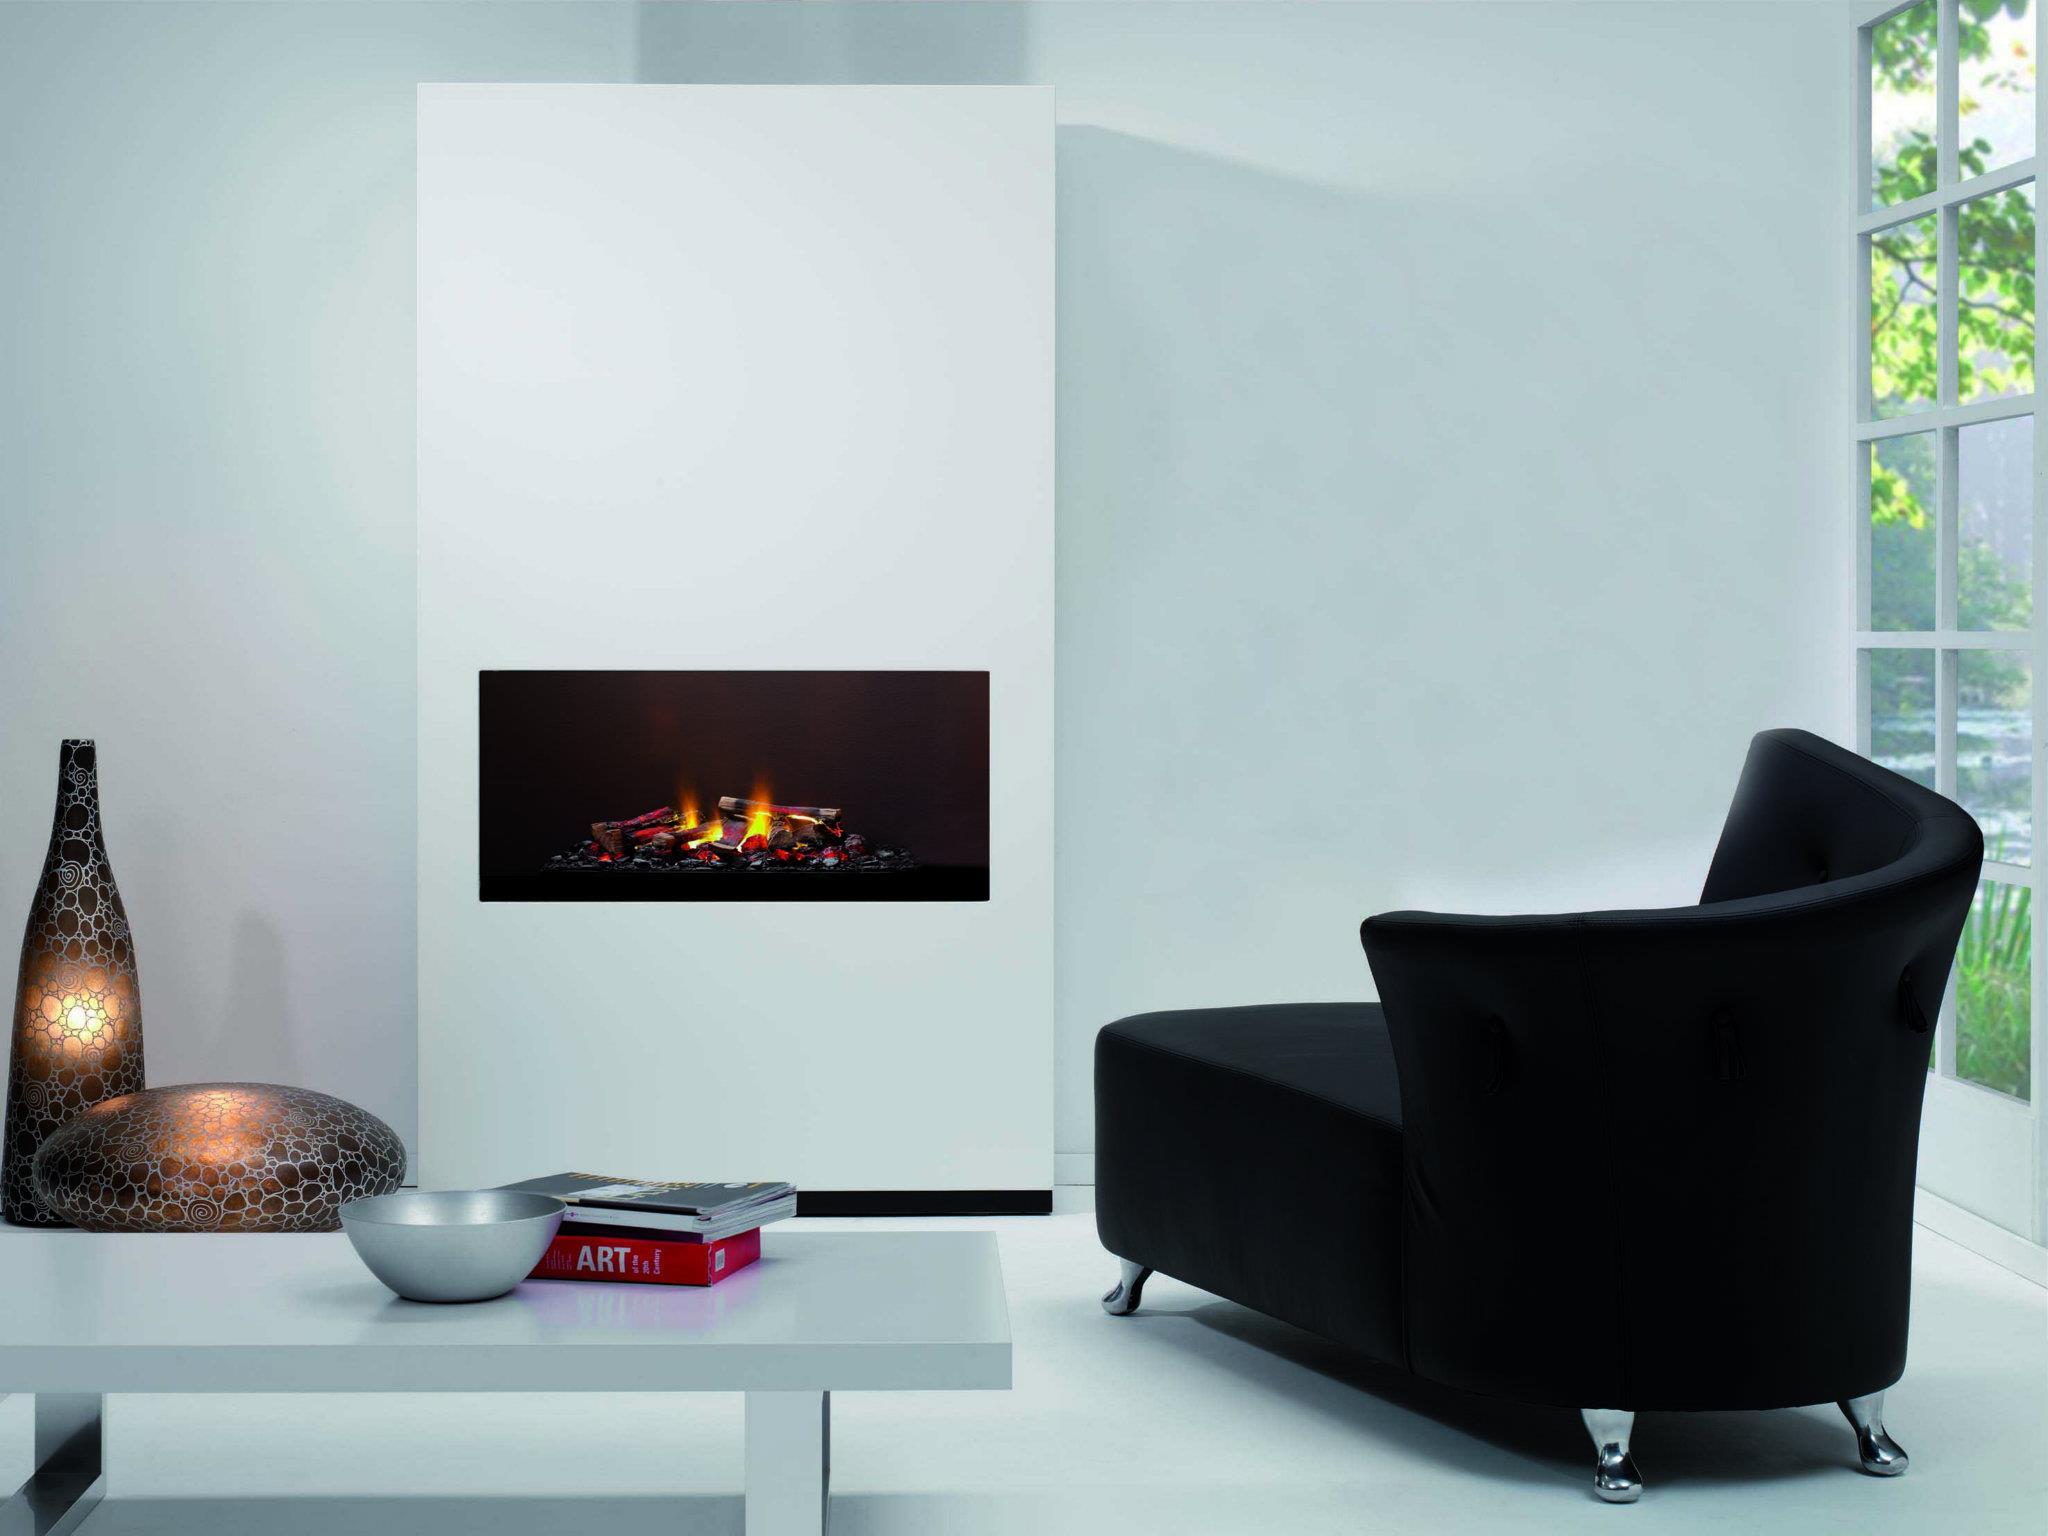 elektrische haarden special nieuws startpagina voor haarden en kachels idee n uw. Black Bedroom Furniture Sets. Home Design Ideas